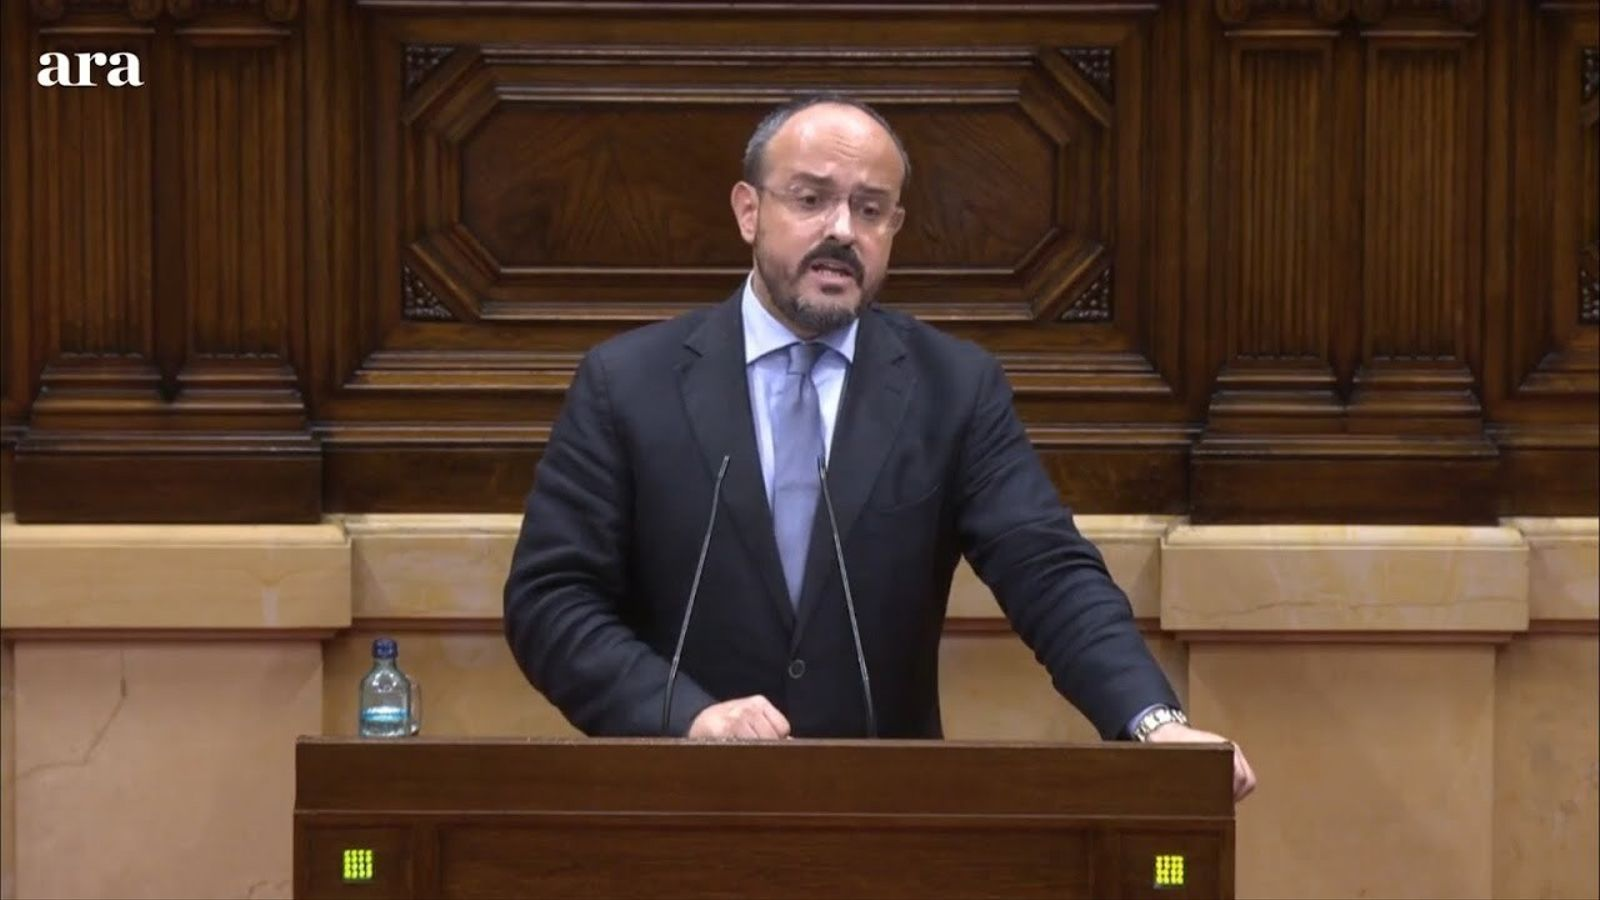 """Fernández (PPC): """"Han tornat a la lògica del moviment nacional populista amb seu a Waterloo que parla de democràcia però mai la practica ni dialoga"""""""